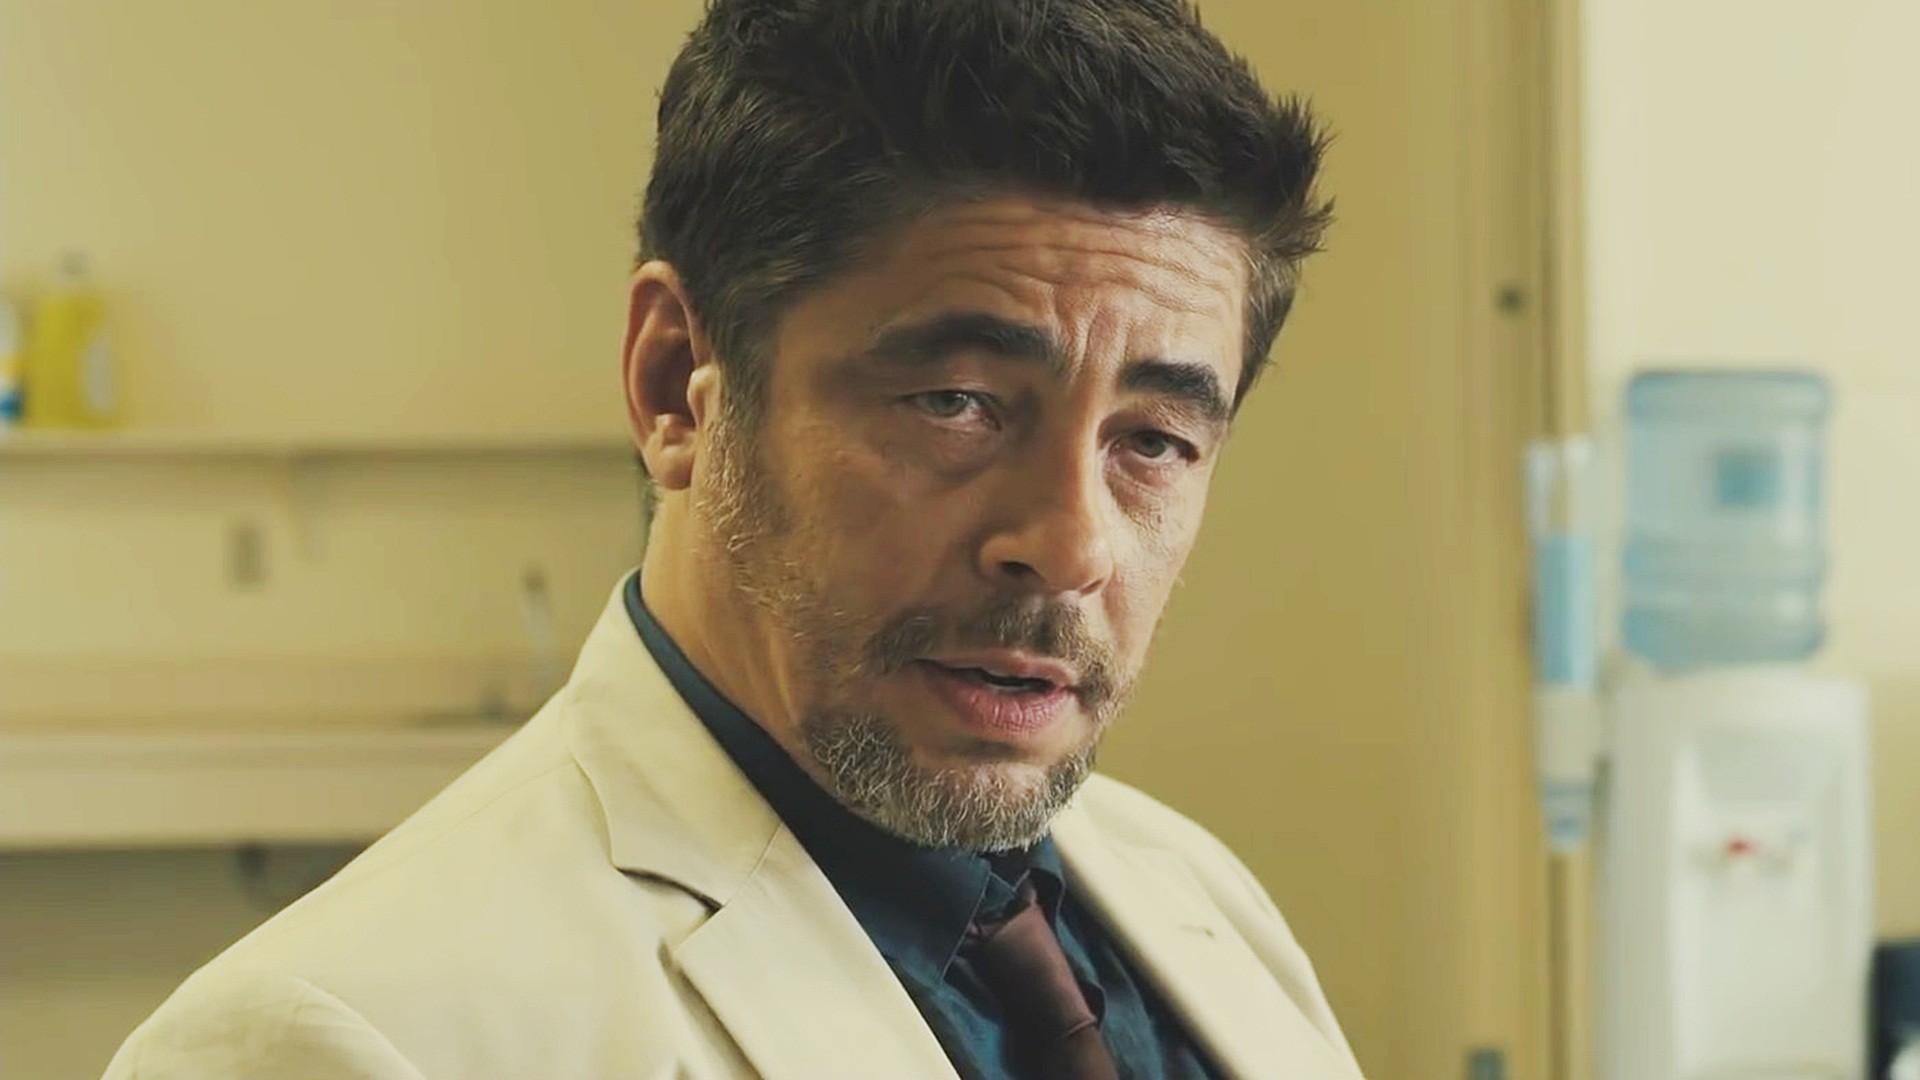 Benicio del Toro Will Star in New Oliver Stone Drama 'White Lies'